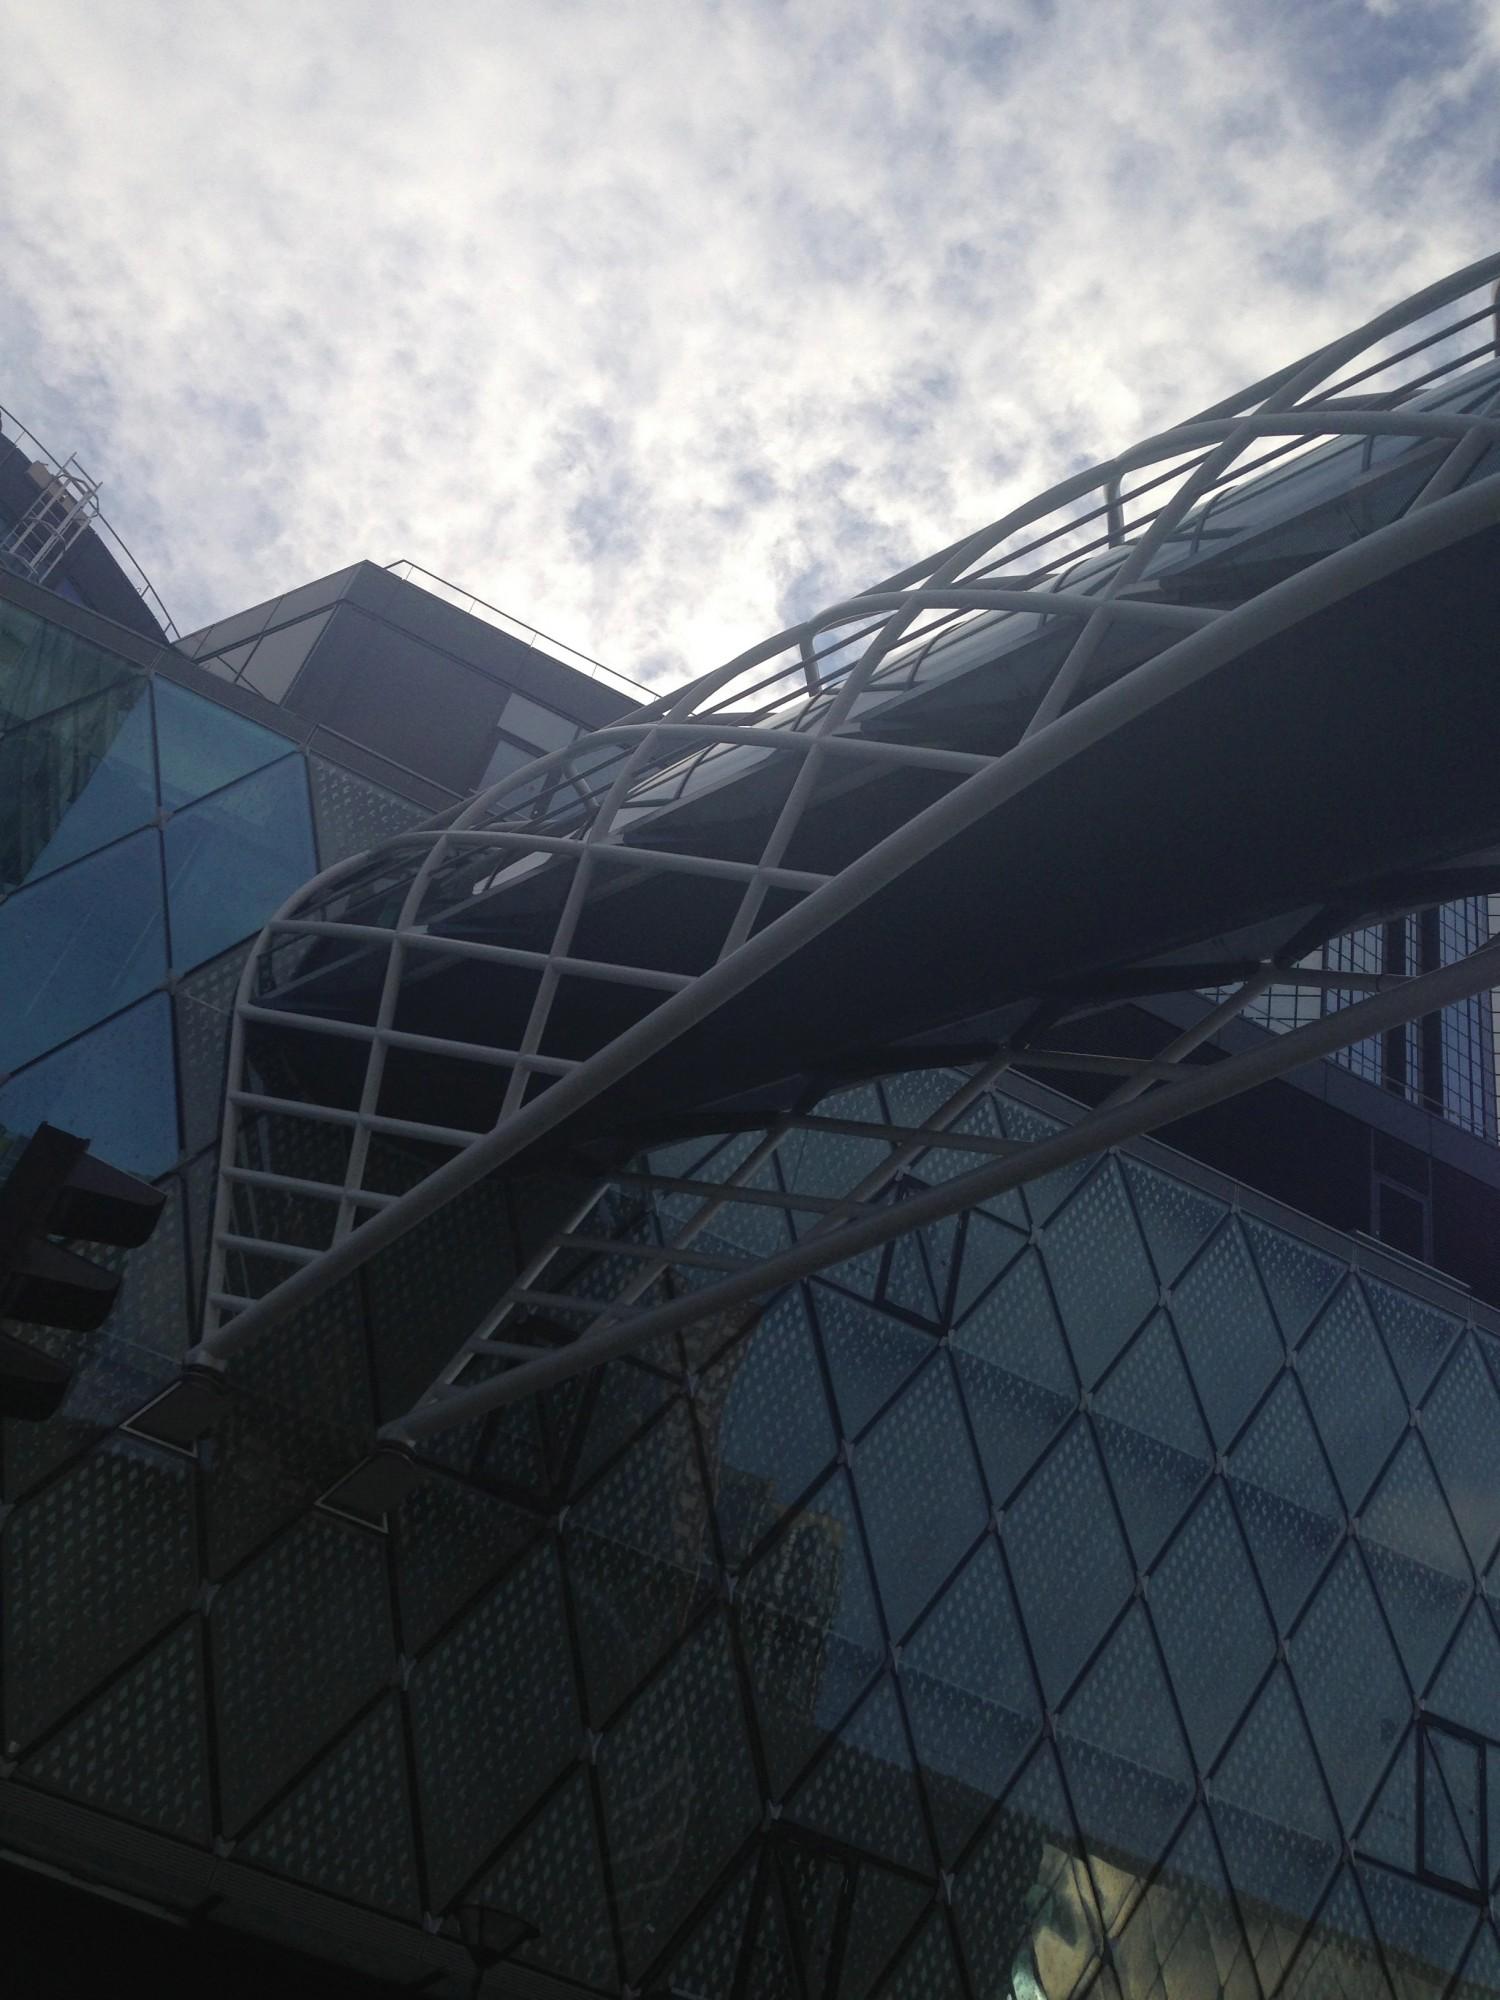 e3fc03c6f3f2b7 Le nouveau centre commercial Beaugrenelle - The parisienne